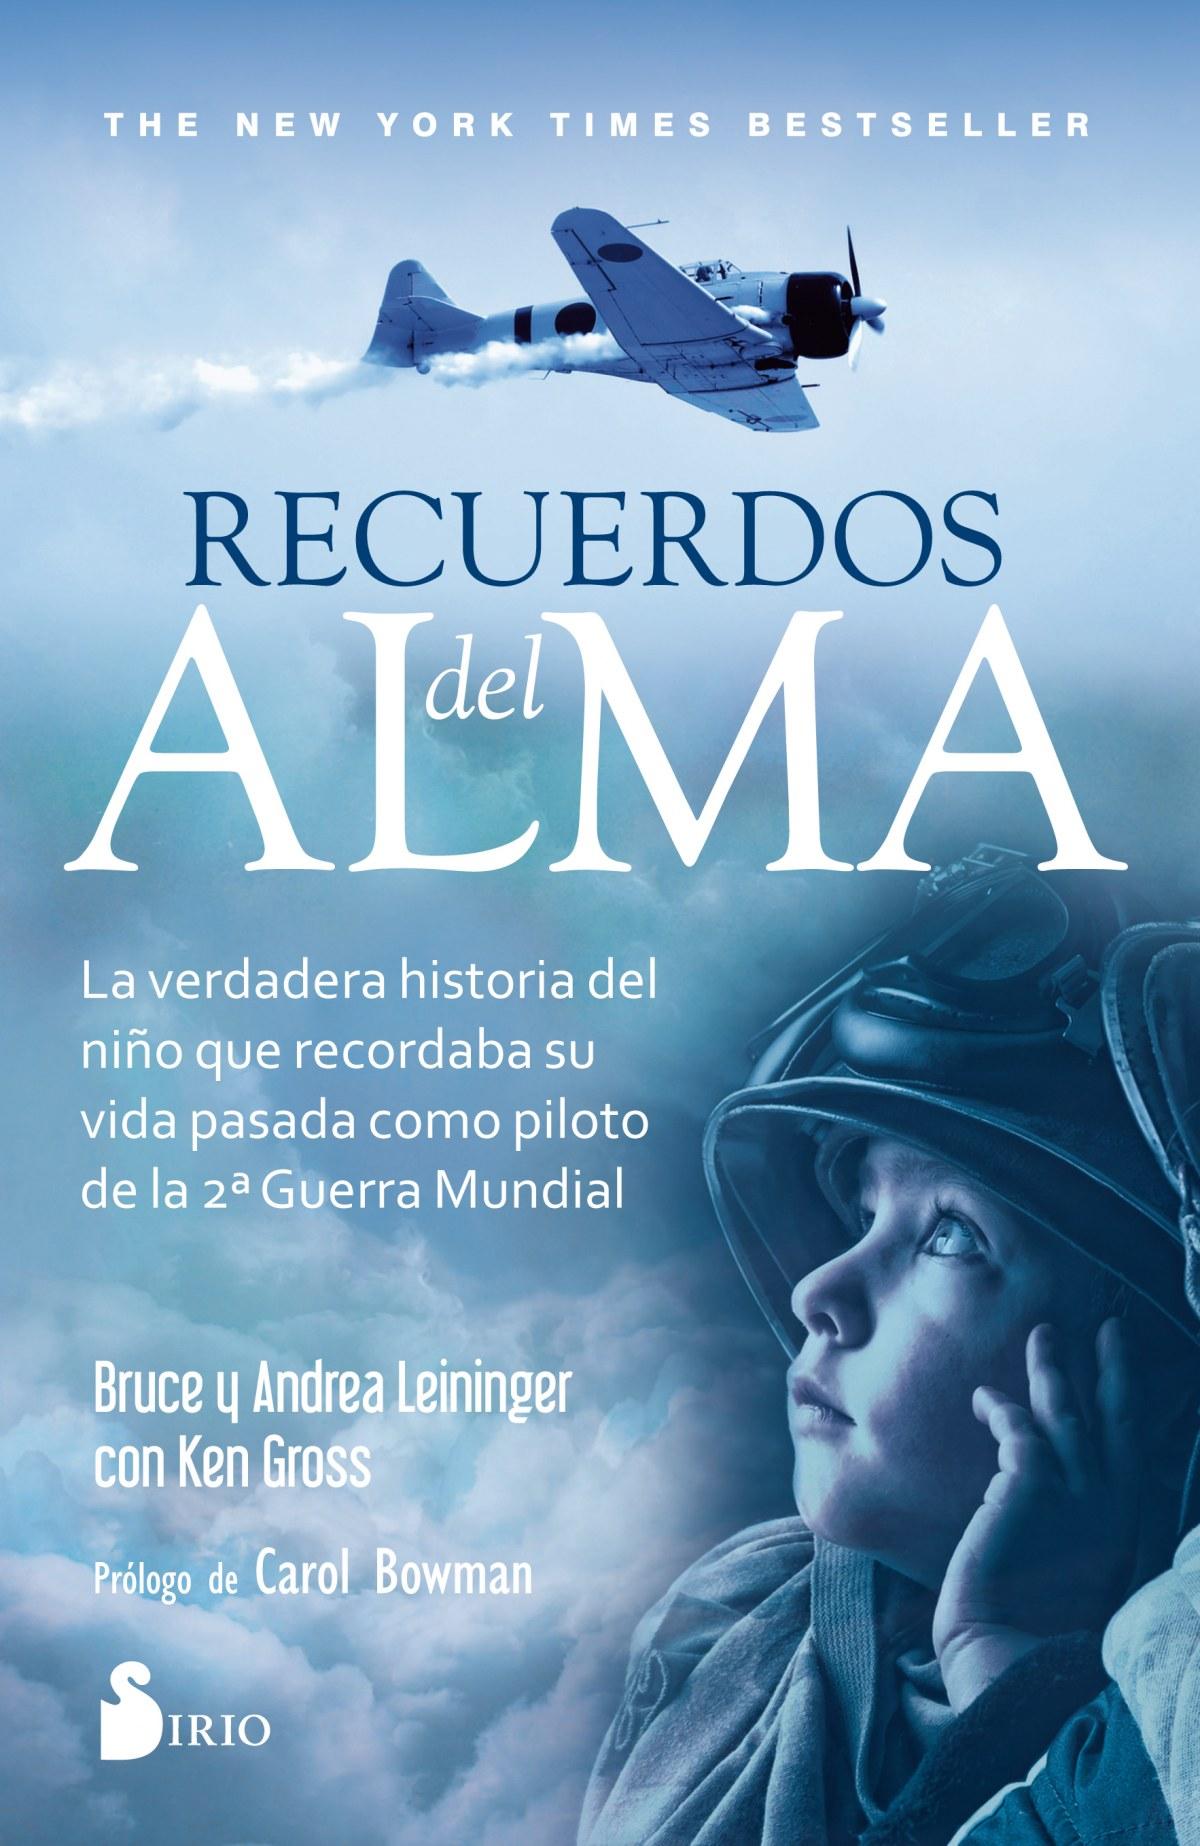 RECUERDOS DEL ALMA 9788417030674